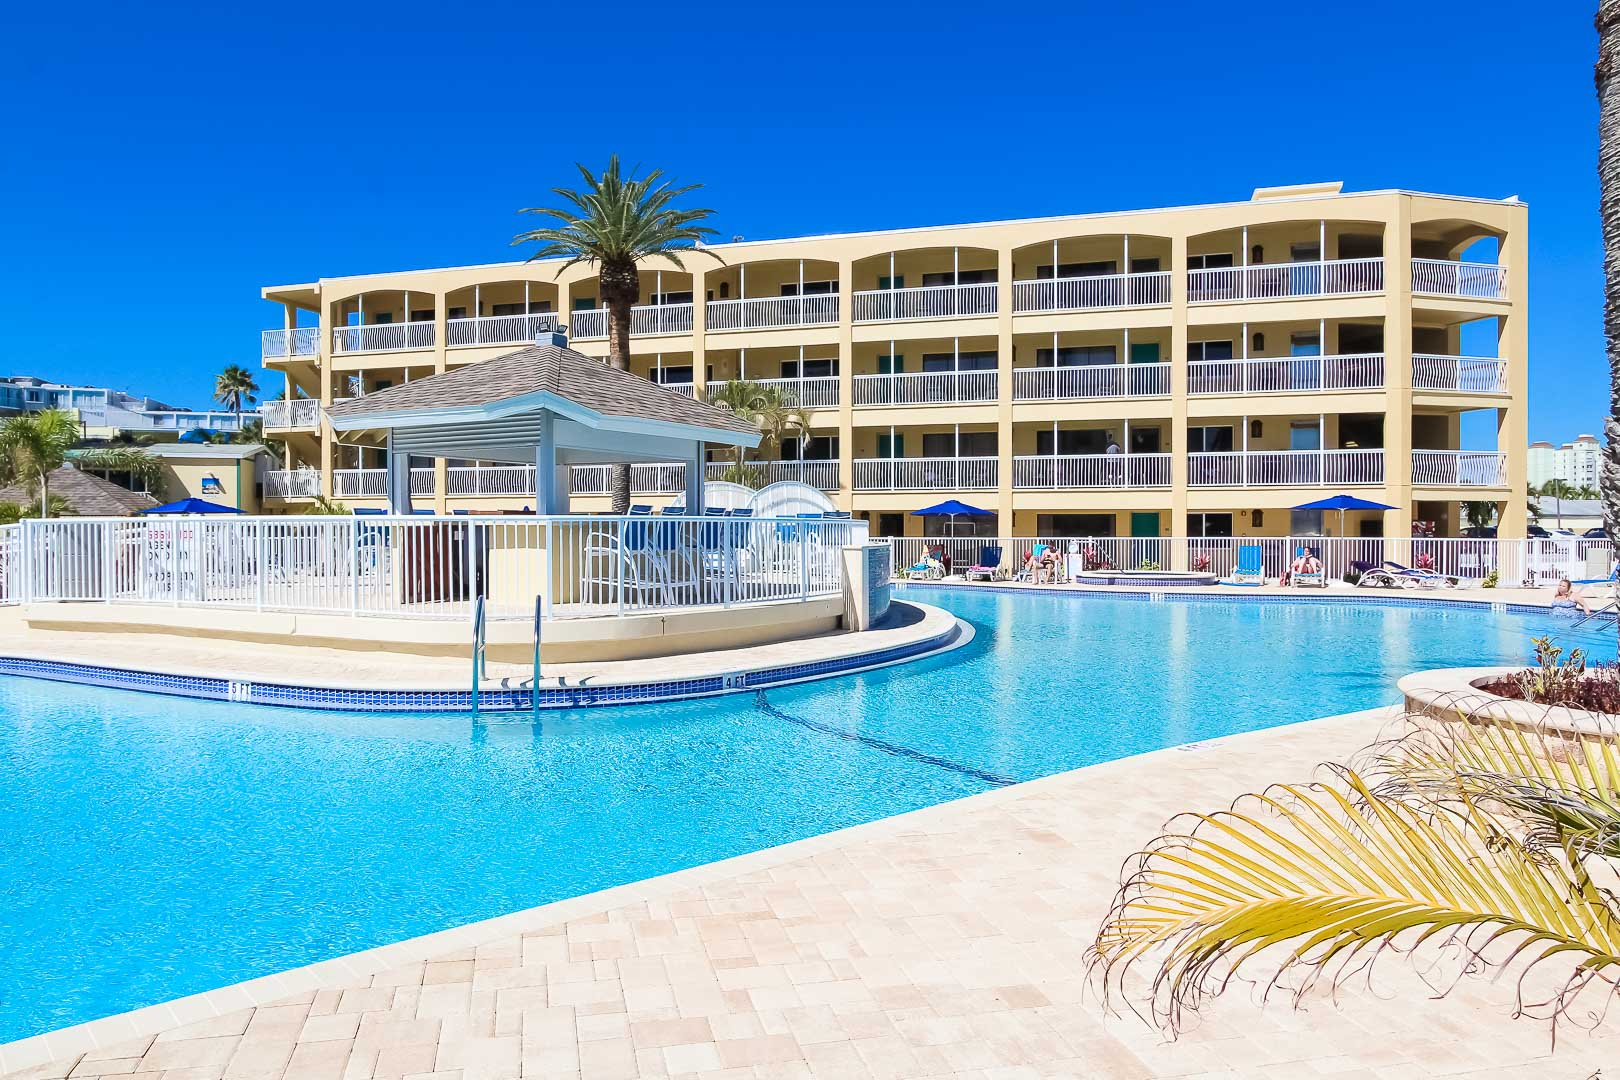 Coral-Reef-Beach-Resort-19